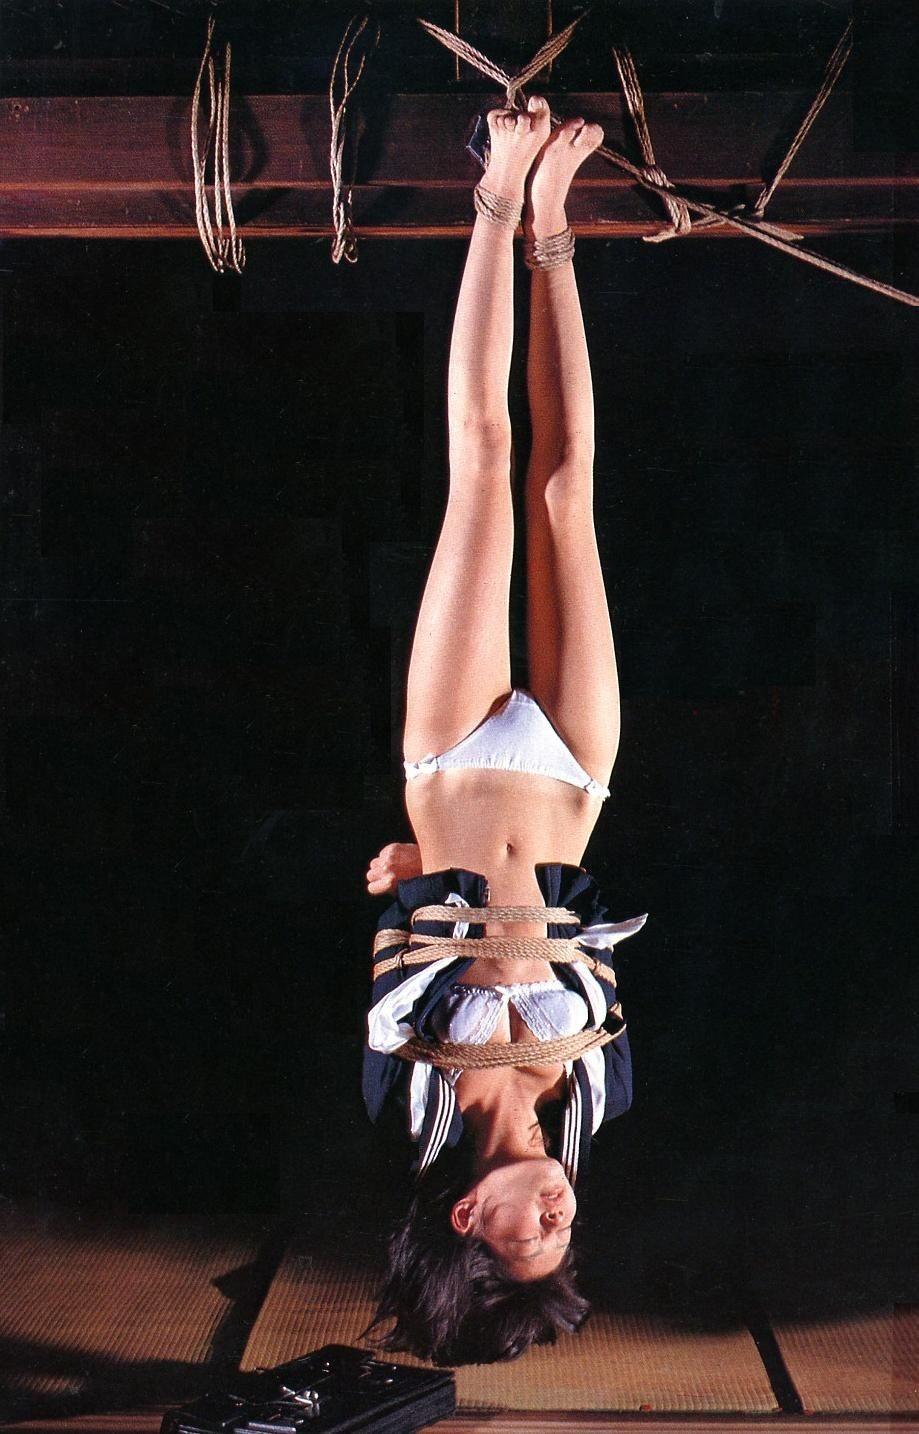 熟女 緊縛 吊り 【おっぱい】緊縛プレイの最高峰!逆さ吊りで縛られちゃって